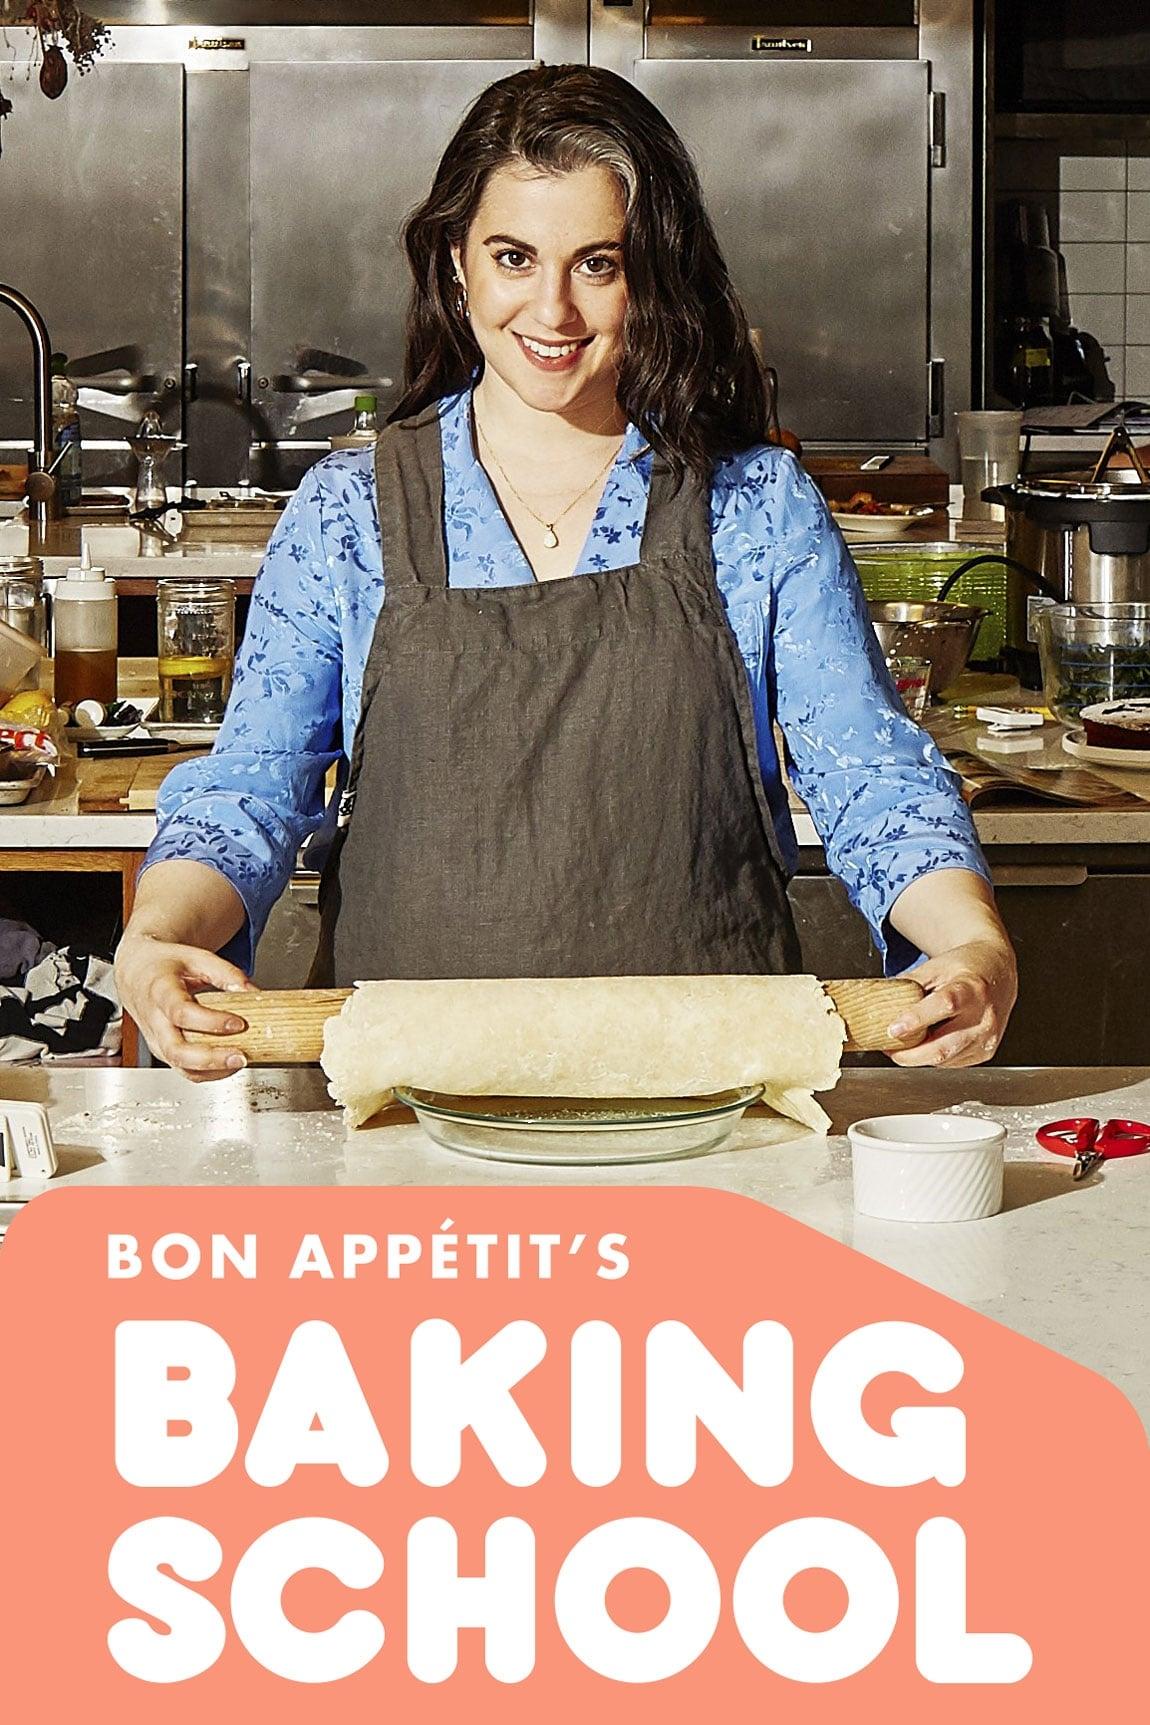 Bon Appétit's Baking School (2019)